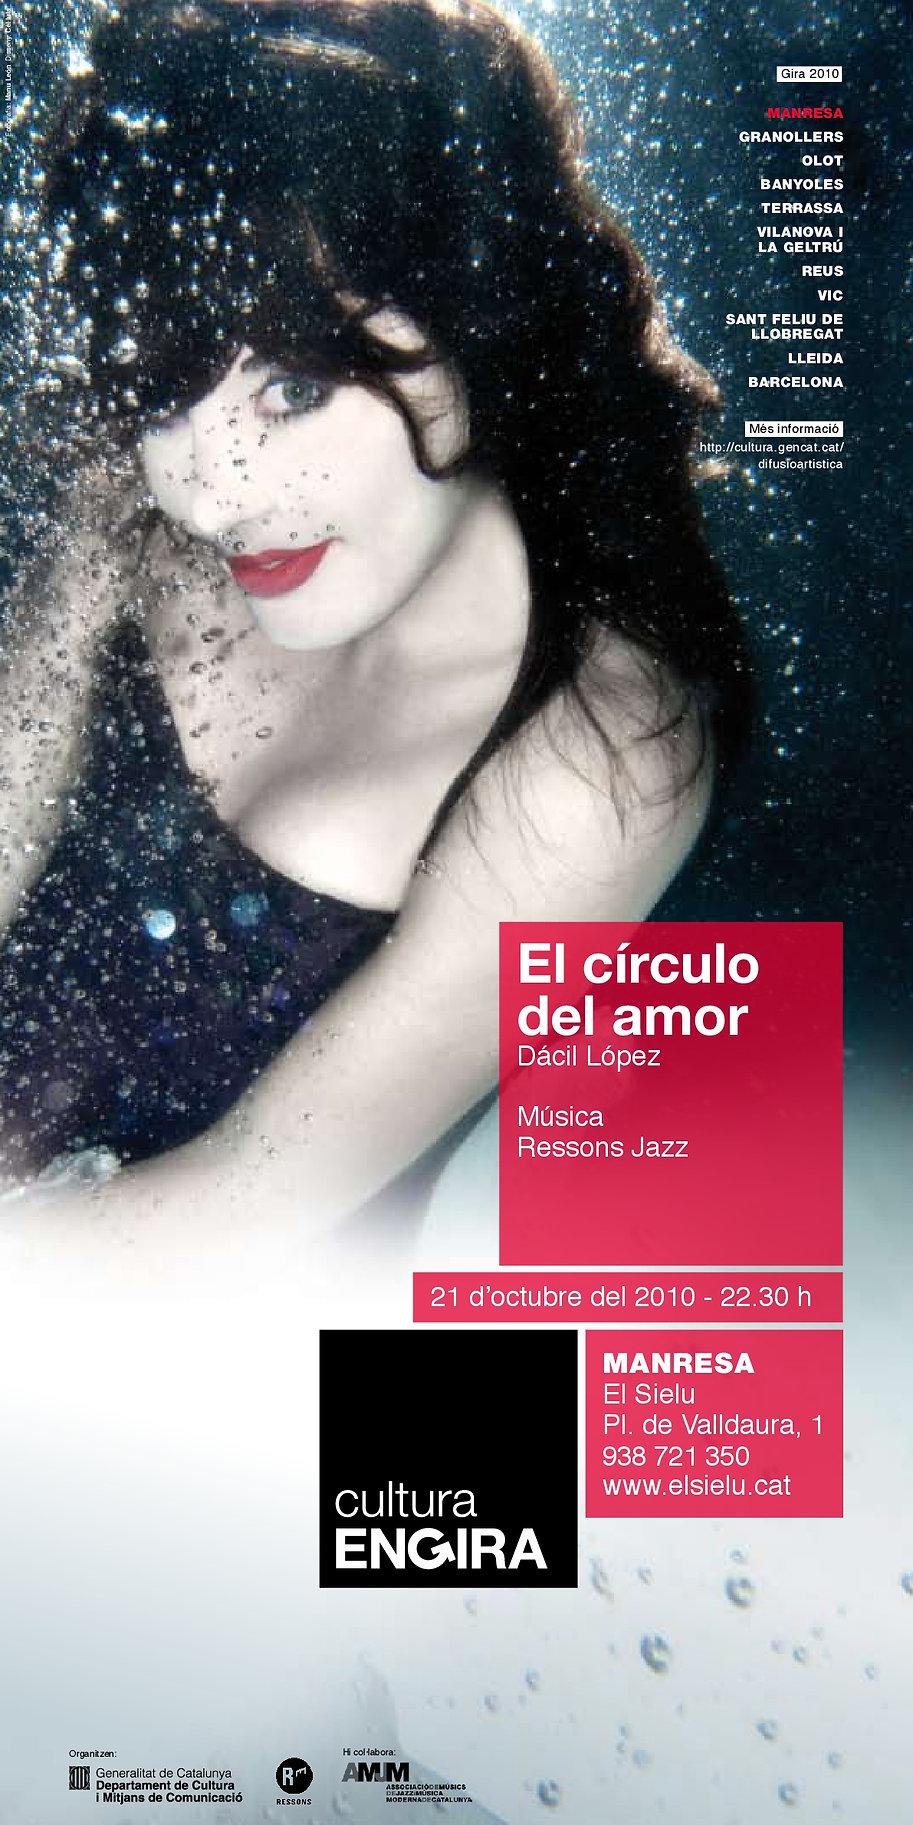 circulo_del_amor-001.jpg